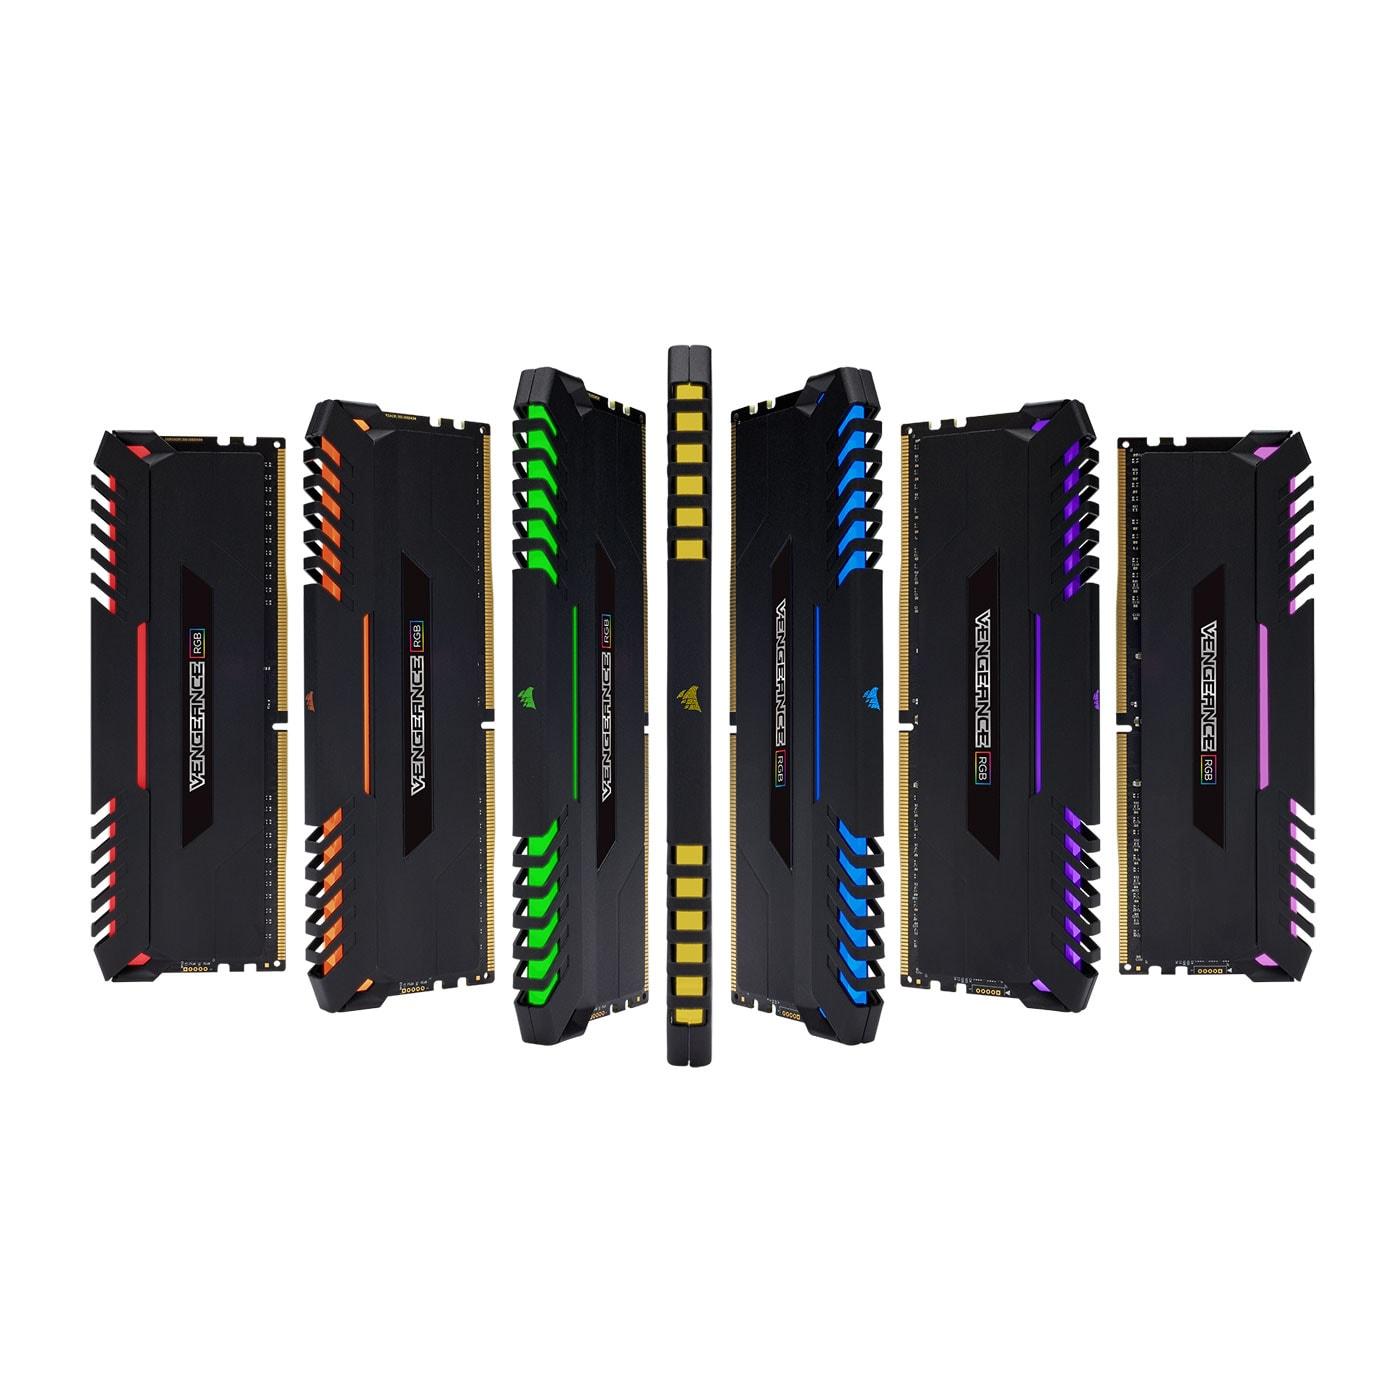 Corsair CMR16GX4M2C3000C15 RGB  16Go DDR4 3000MHz - Mémoire PC - 1